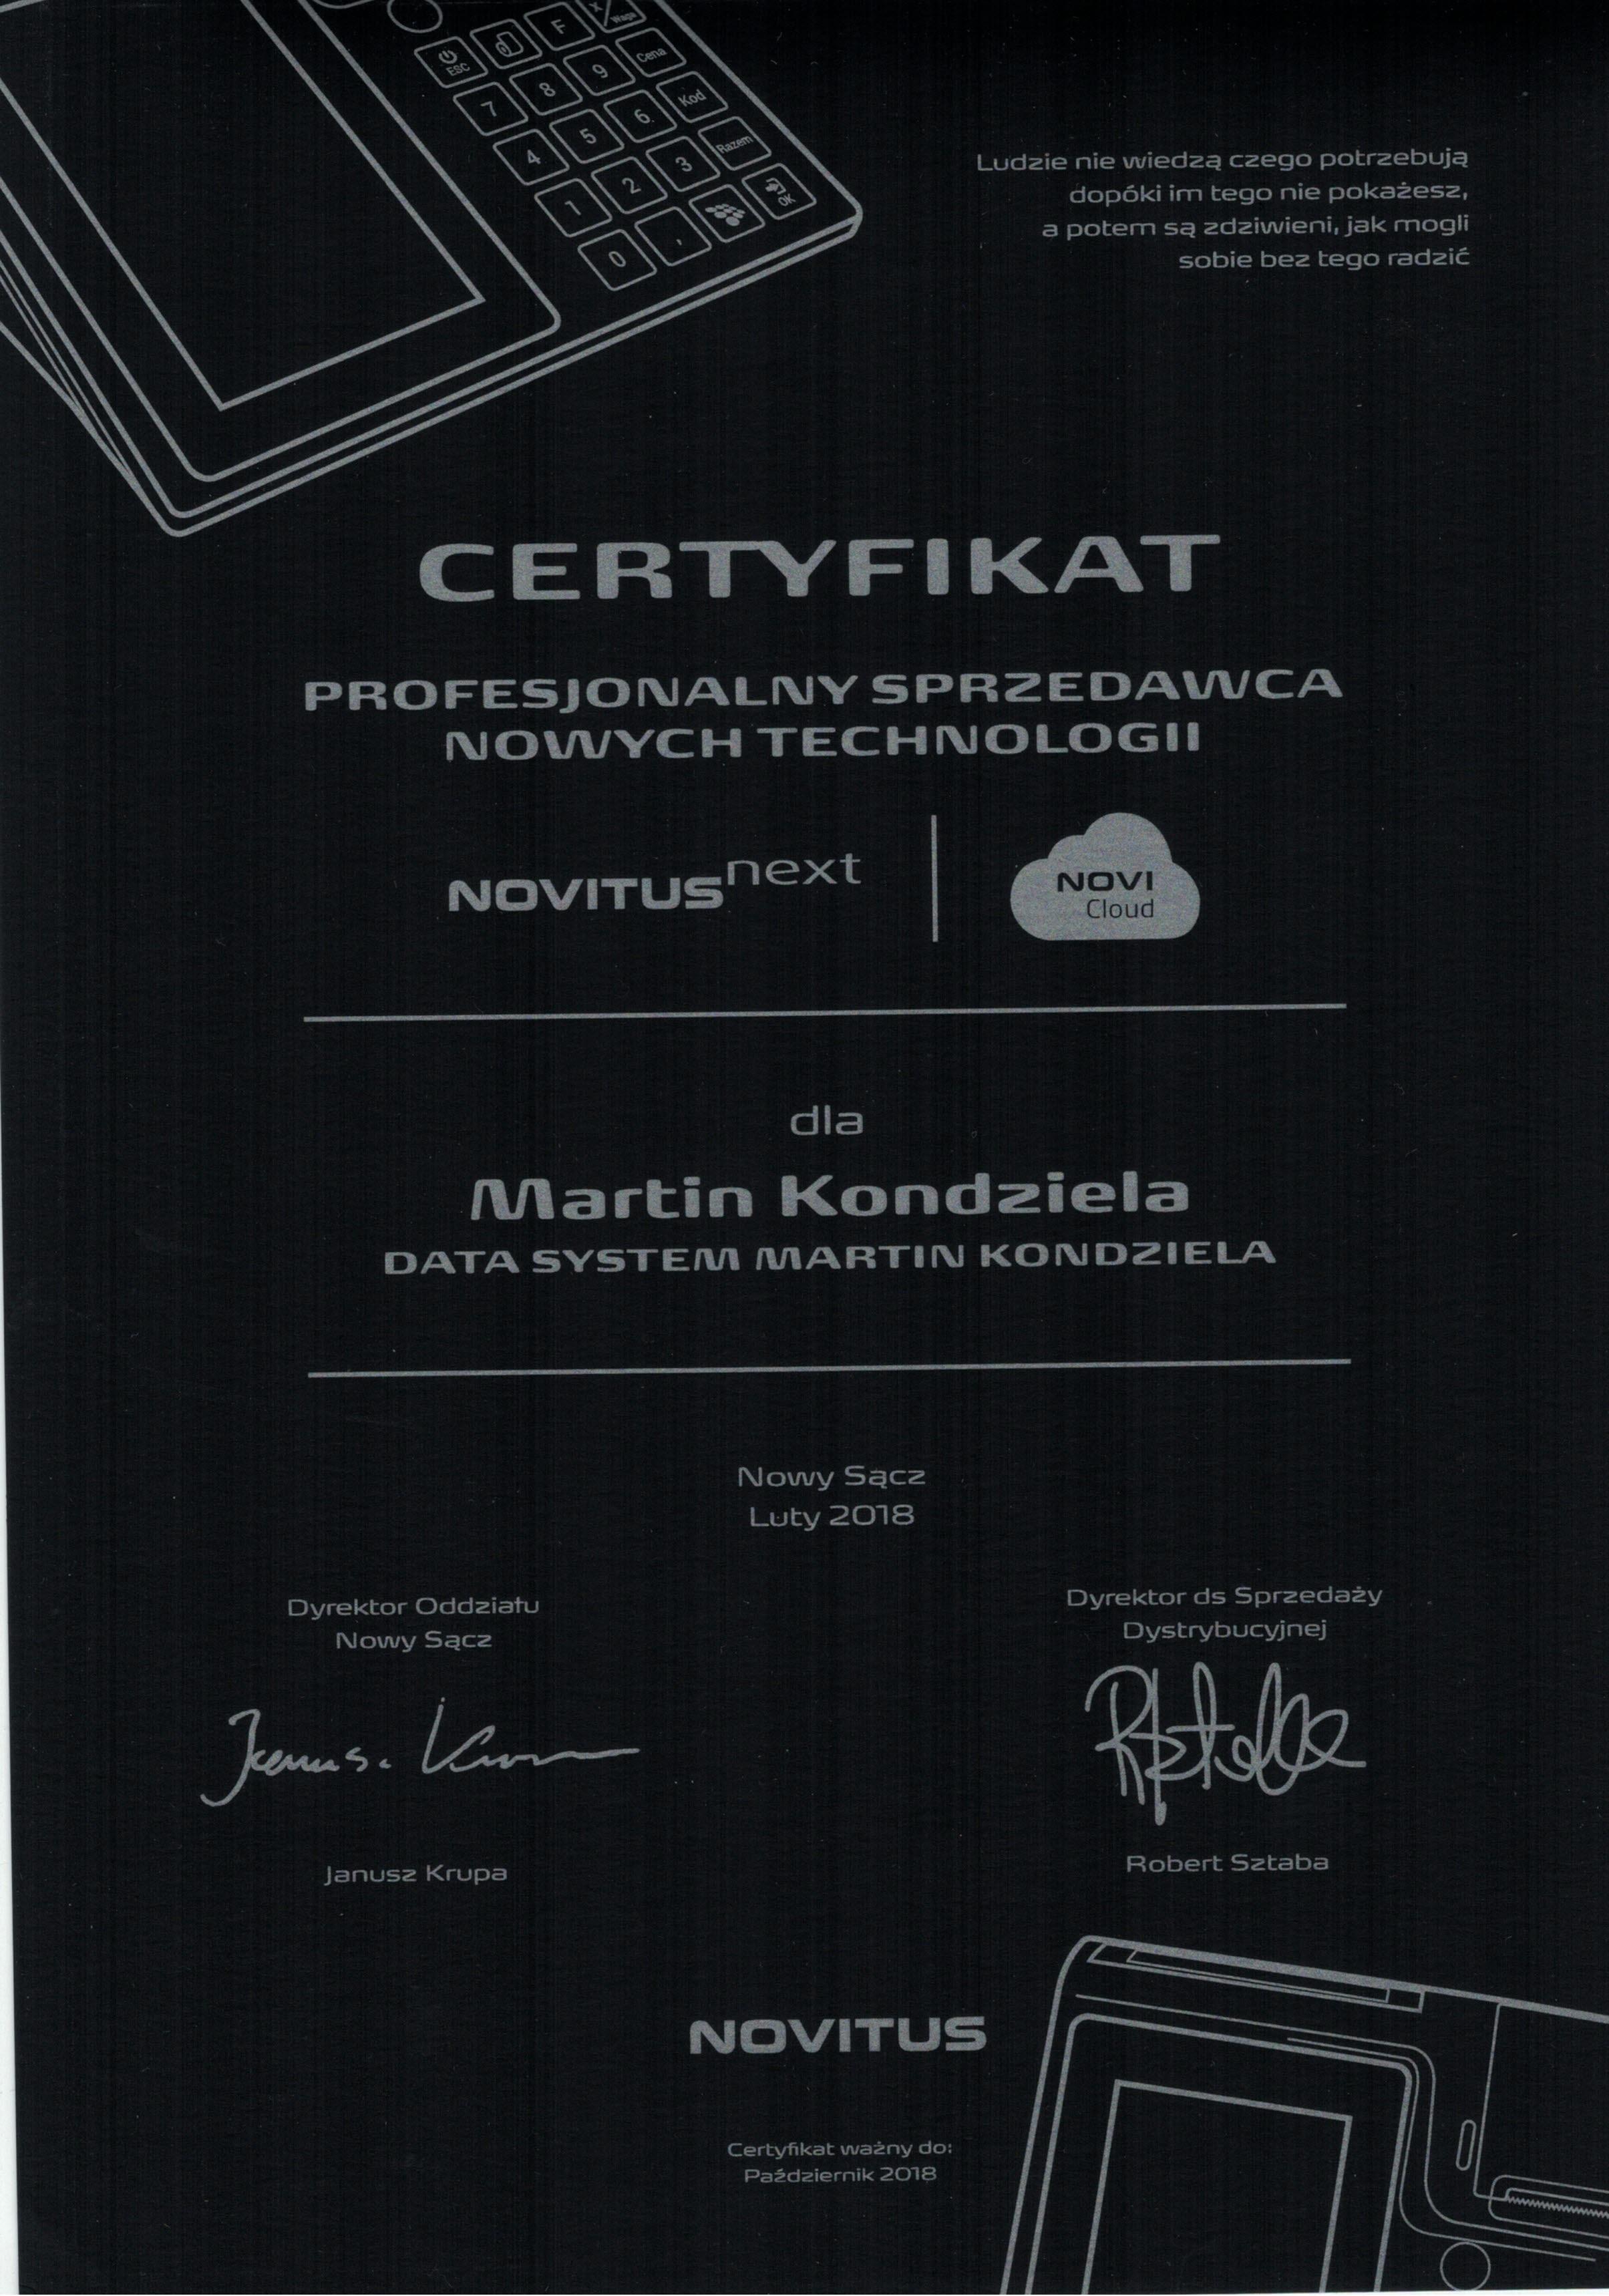 certyfikat Next M- Kondziela.jpg